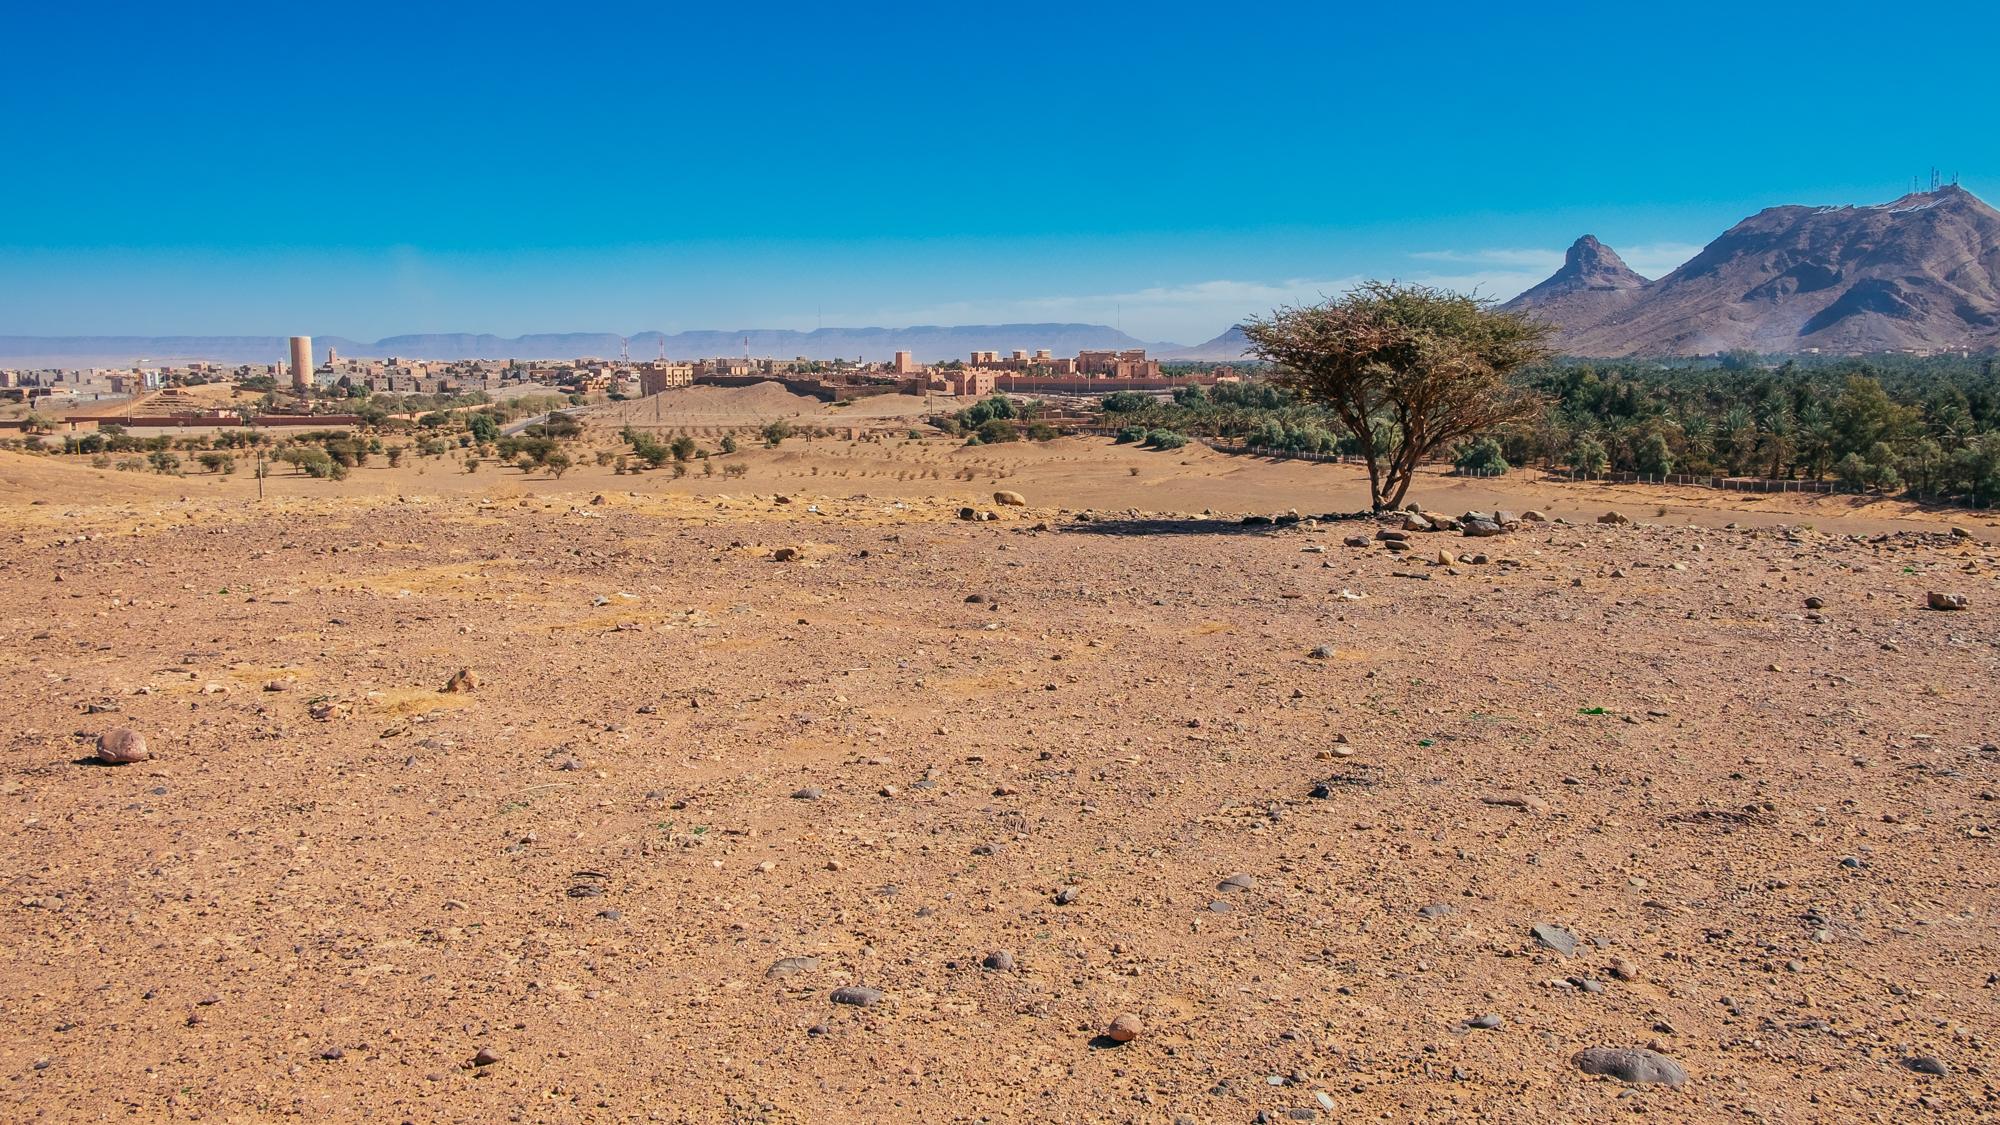 Zagora am Rande der Wüste